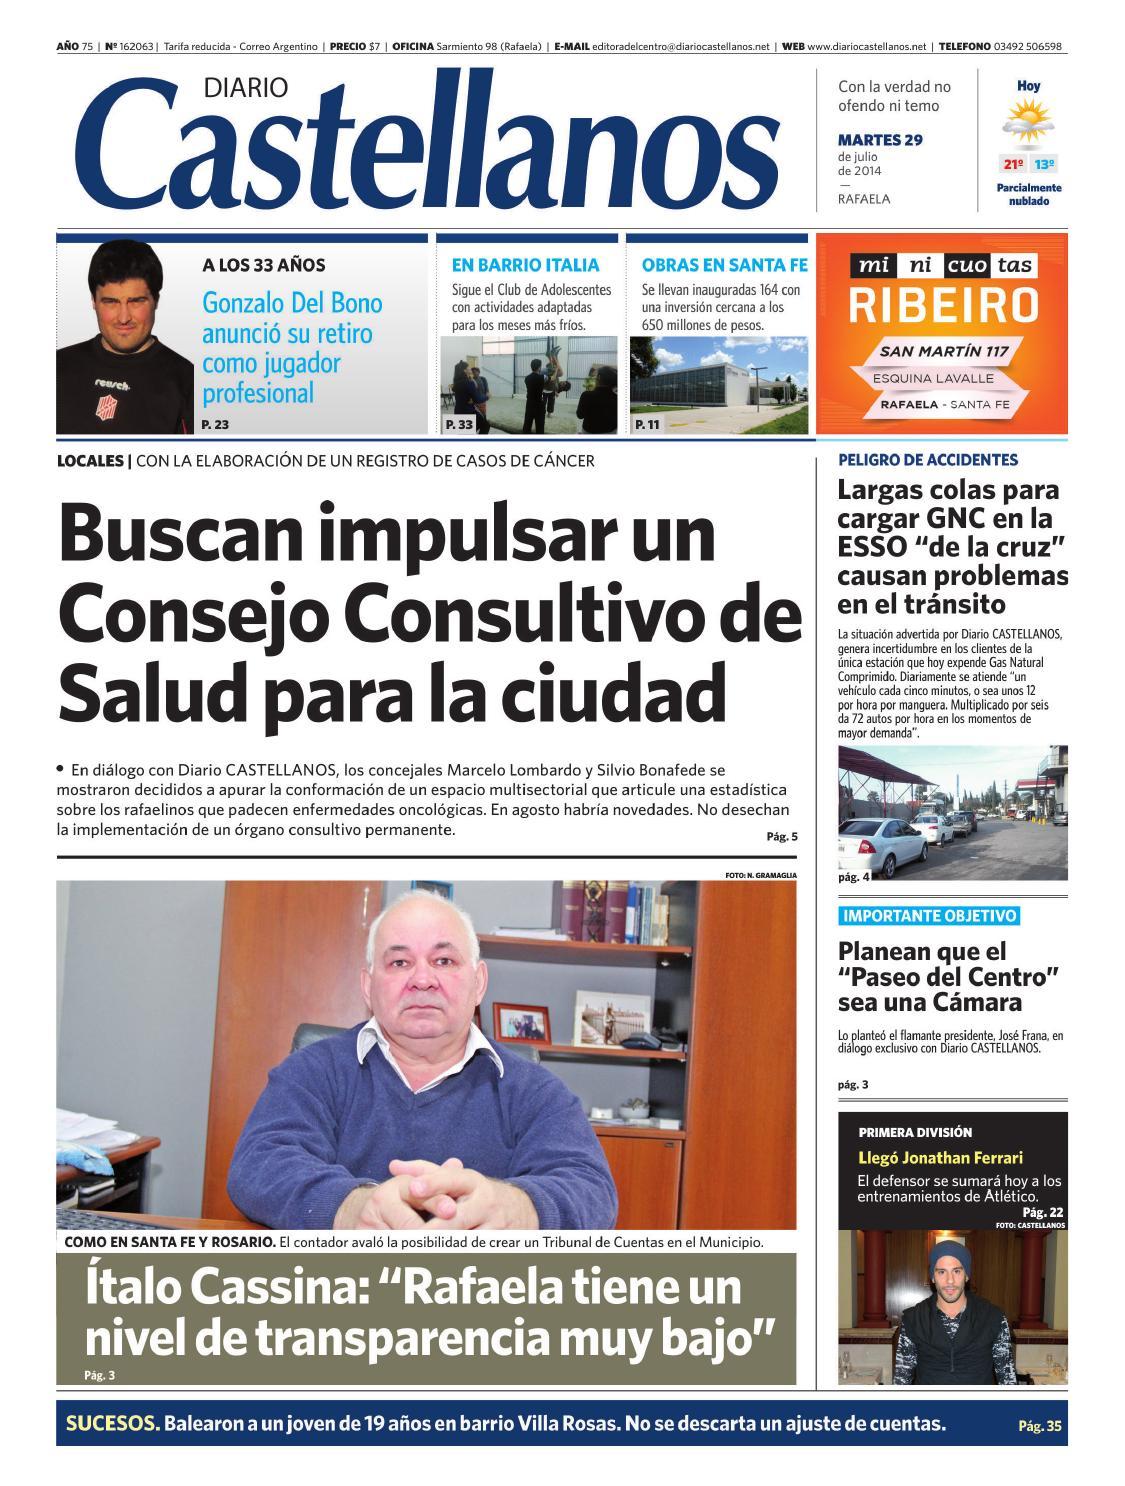 Diario Castellanos 29 07 by Diario Castellanos - issuu 4e0ec6afd59f3